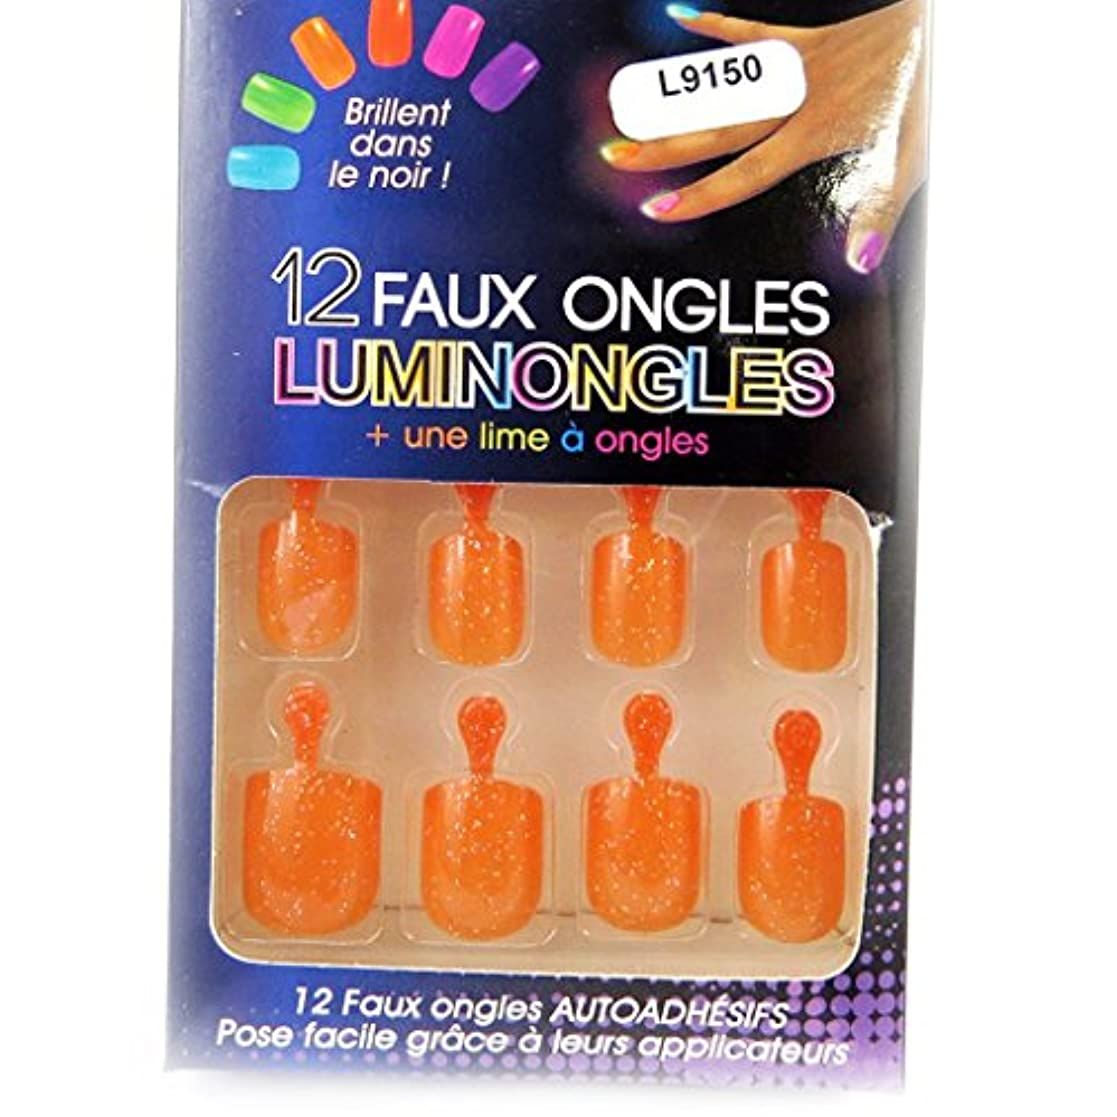 小人長椅子クリーム[リリーの宝 (Les Tresors De Lily)] (Luminongles コレクション) [L9150] アクリルスカルプチュア オレンジ